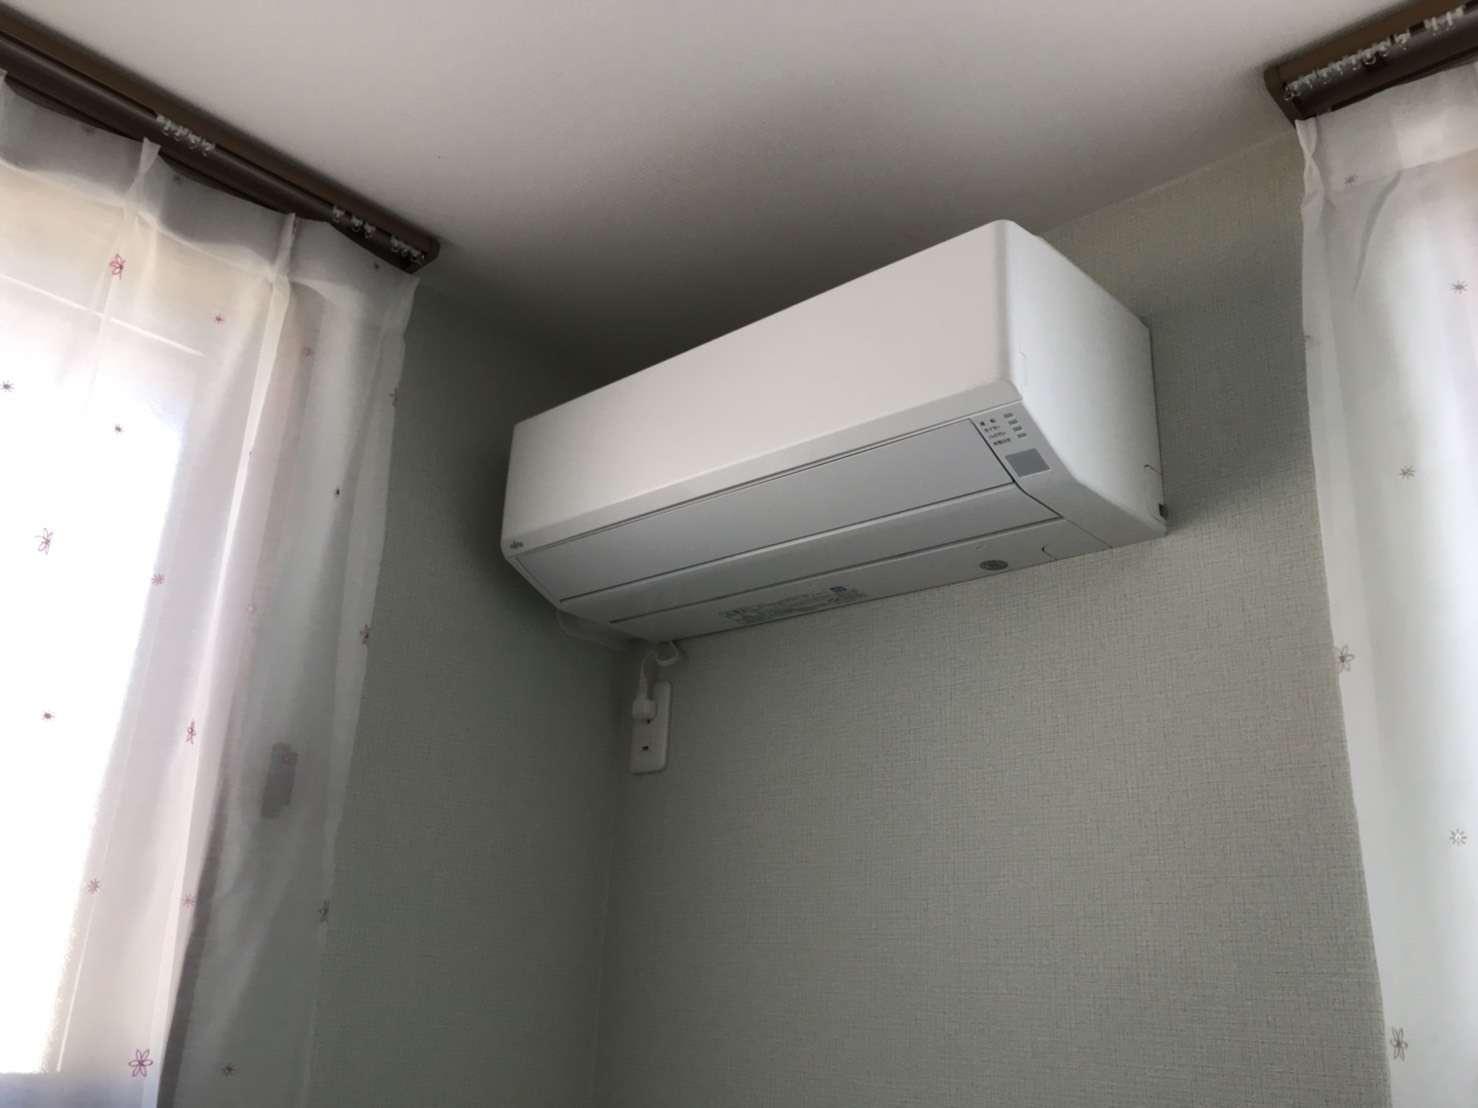 空調 菜花 う 公式 工事 ぶ サイト 仙台 ぇ エアコン